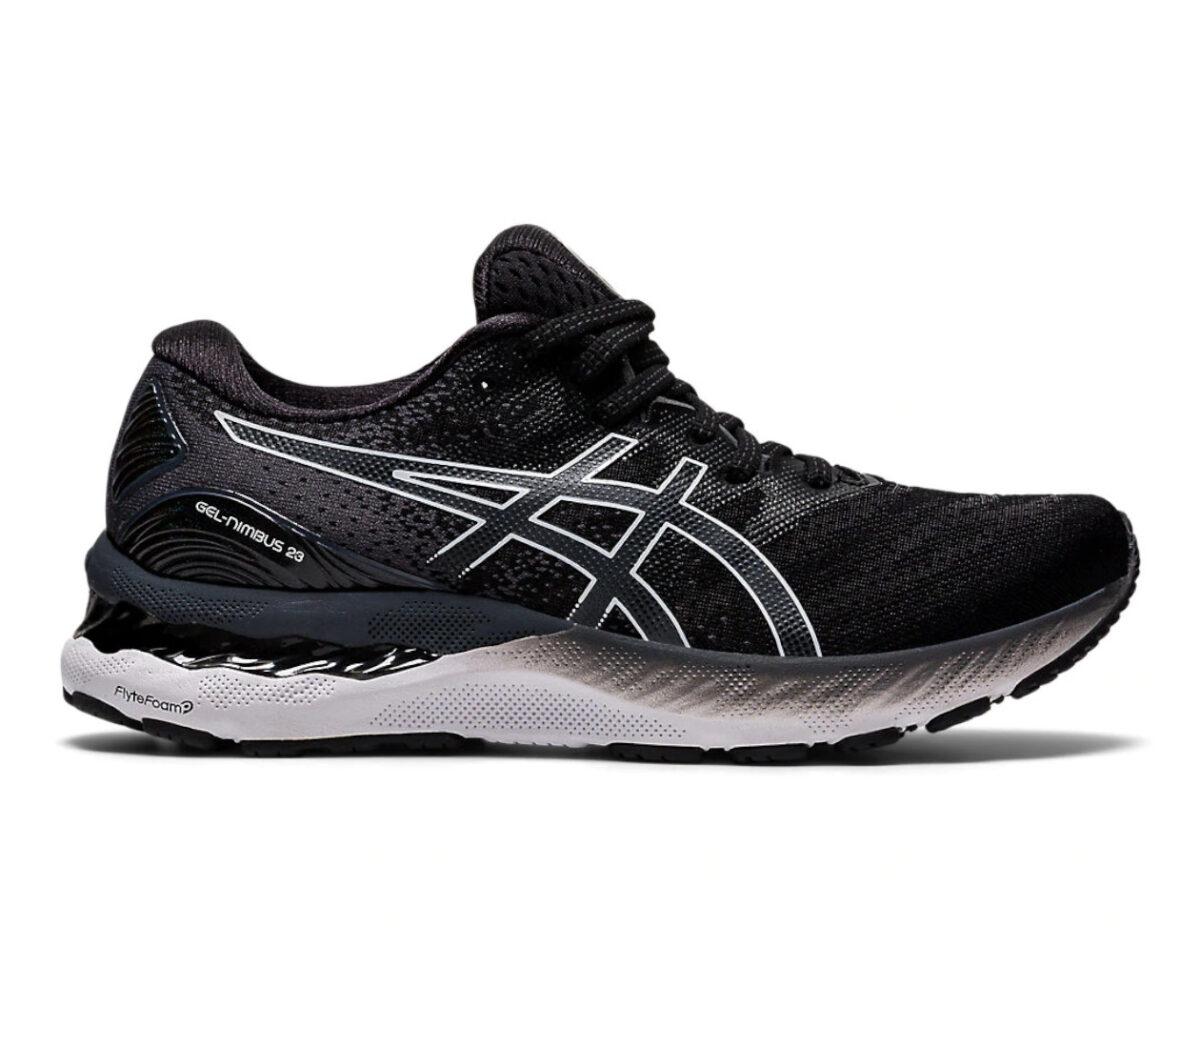 scarpa running uomo asics gel nimbus 23 nera